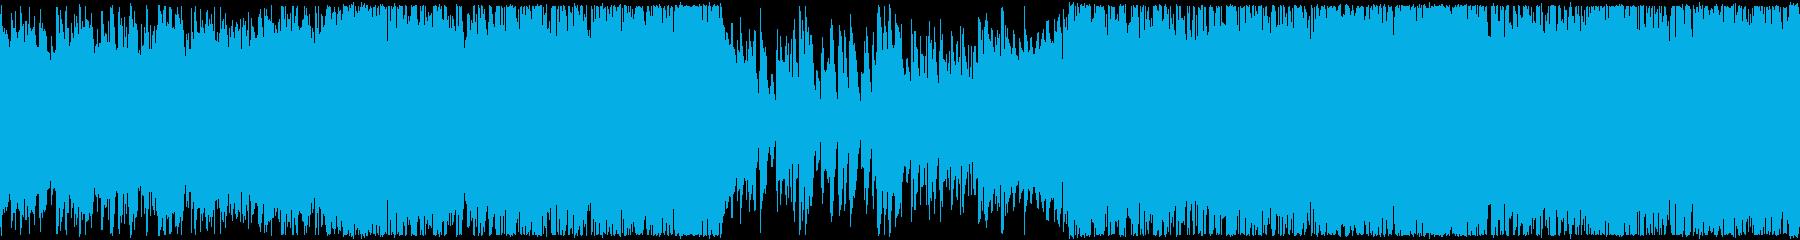 ループ・おしゃれな洋楽R&Bの再生済みの波形